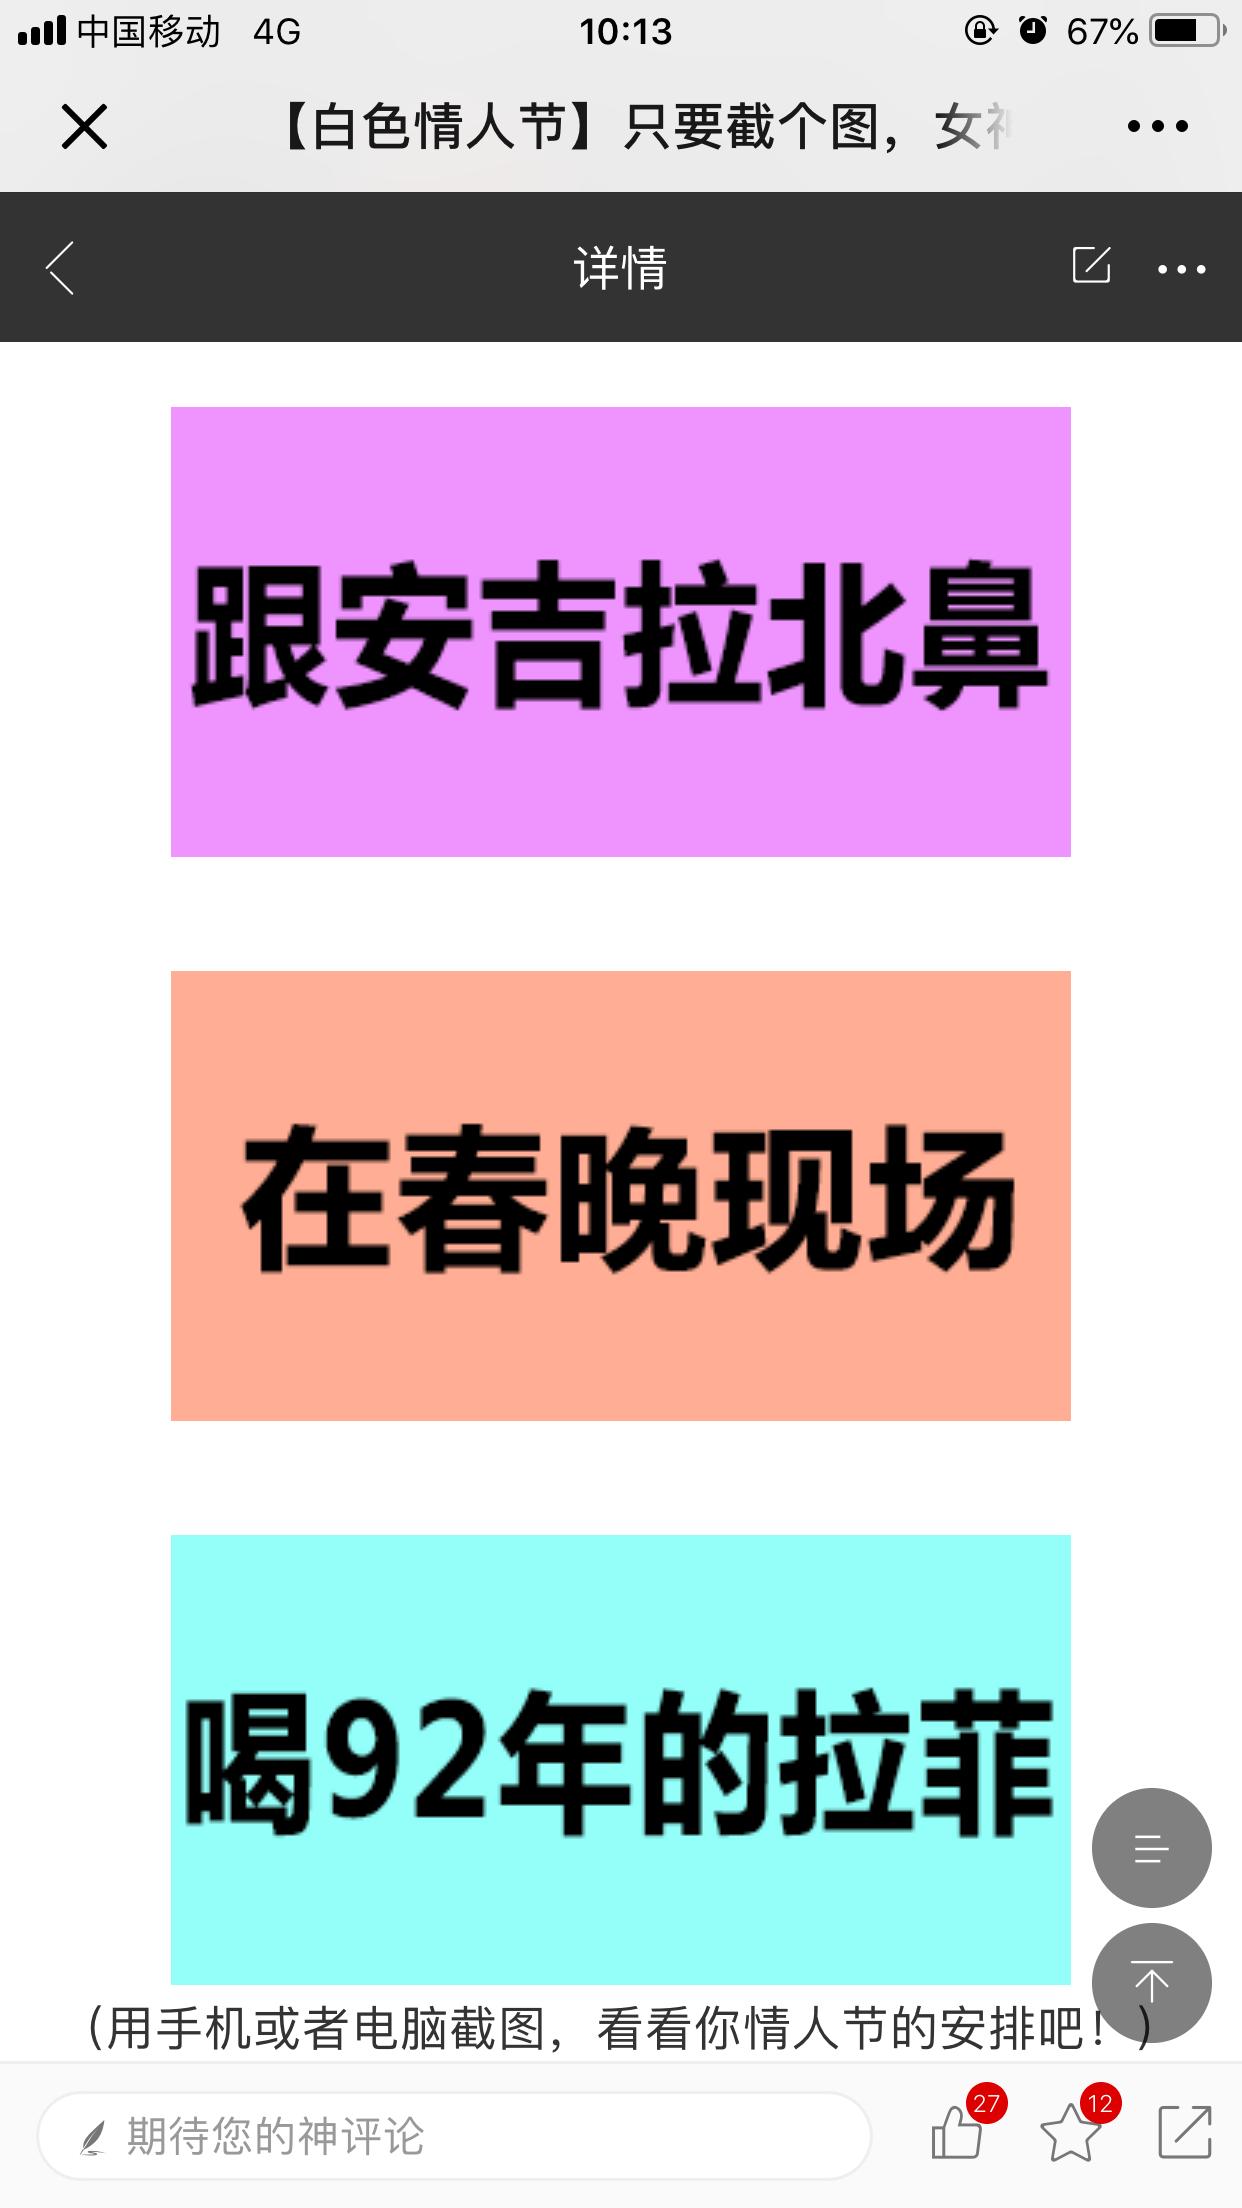 A55CF7A6-C3D1-4E2A-A830-A5D2E86087A6.png